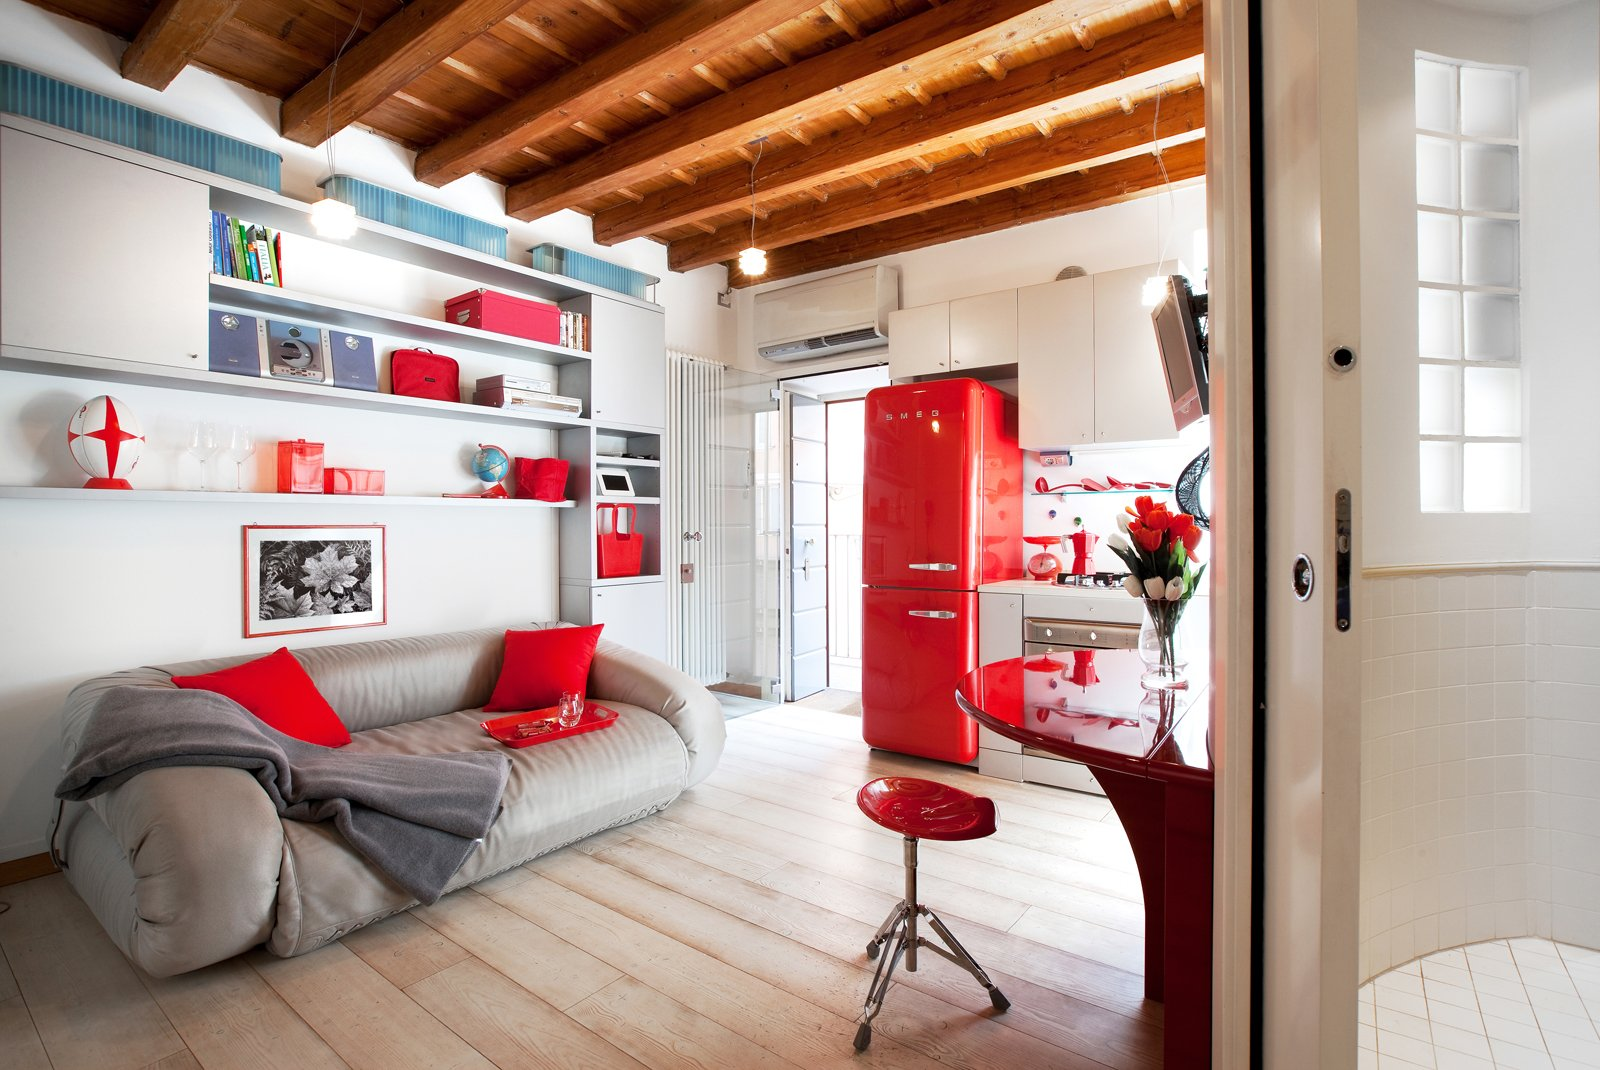 Monolocale di 25 mq con soluzioni salvaspazio cose di casa for Disegni di casa italiana moderna